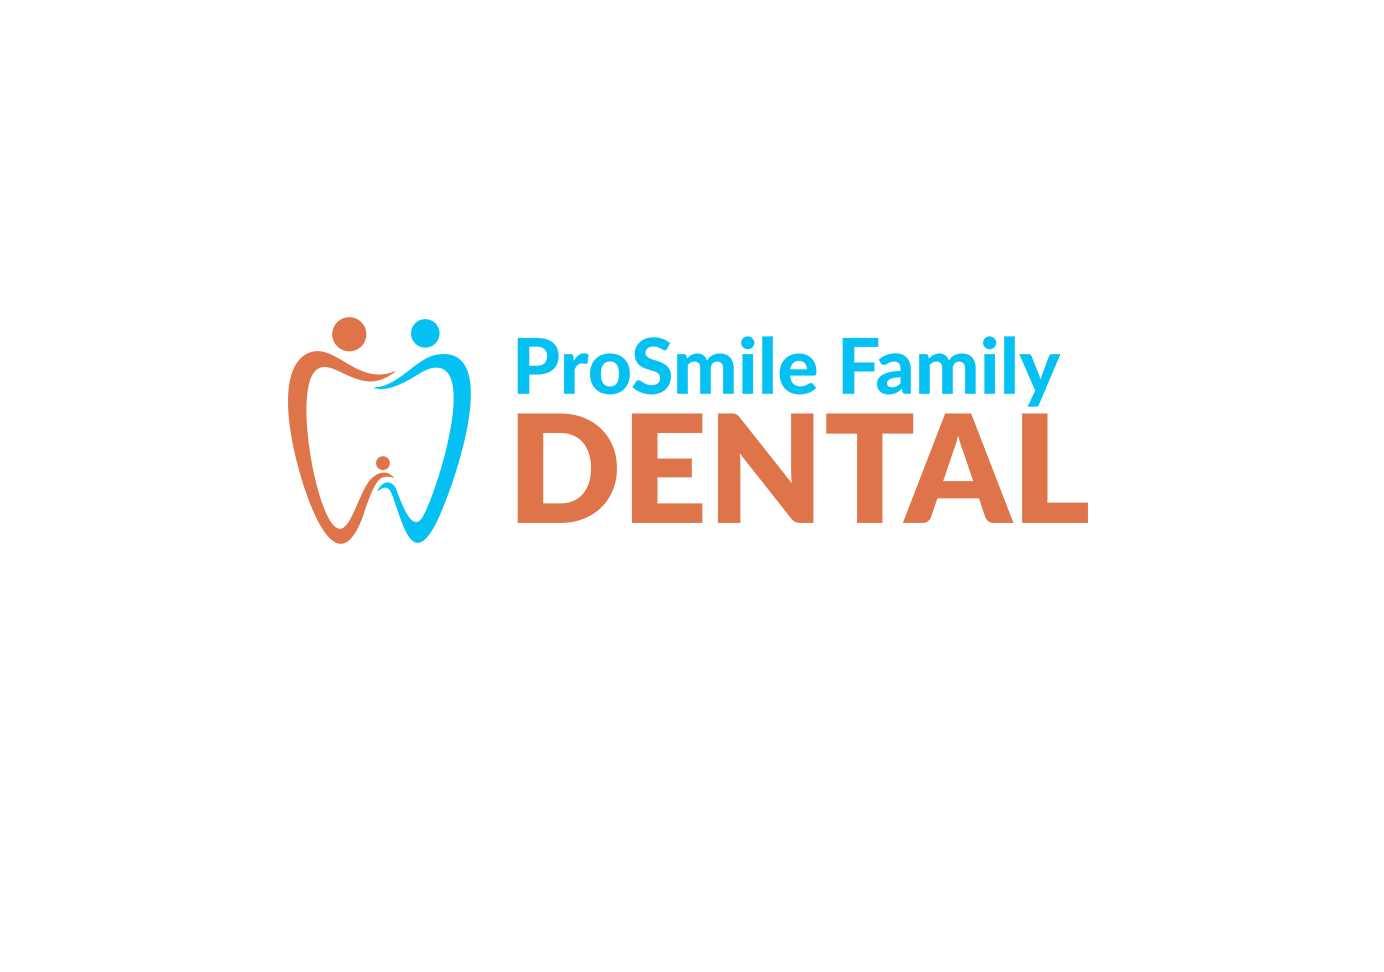 ProSmile Family Dental